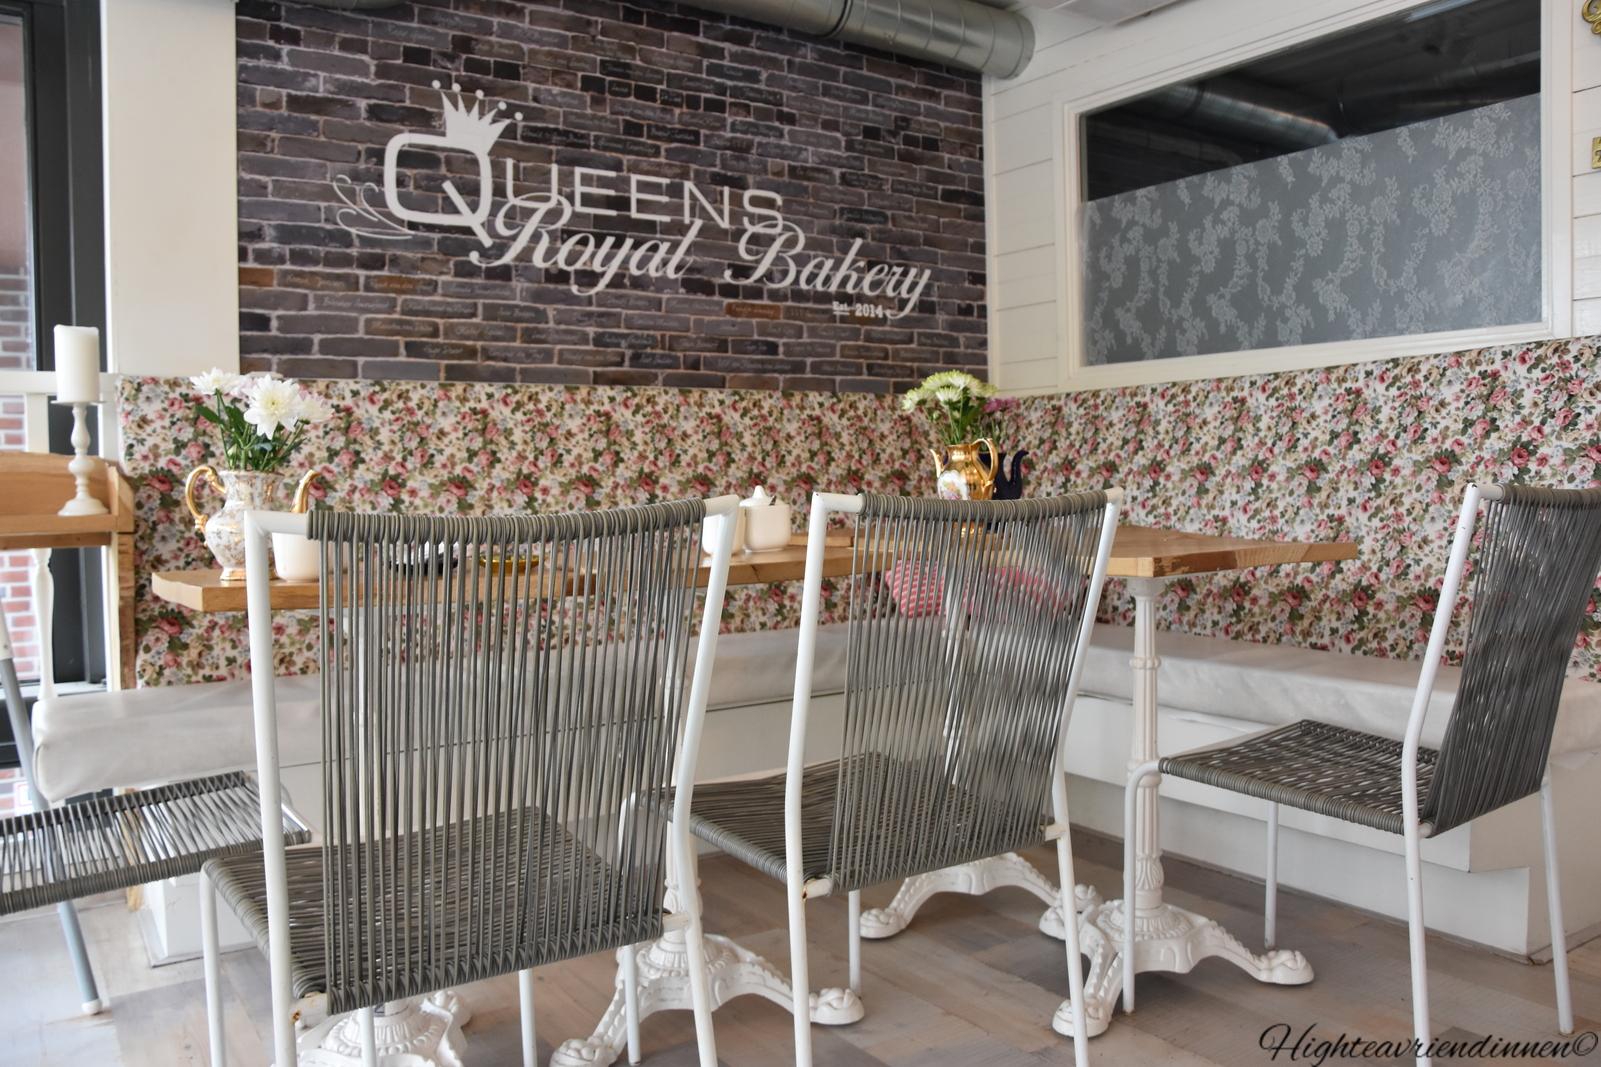 queen royal bakery, high tea vriendinnen